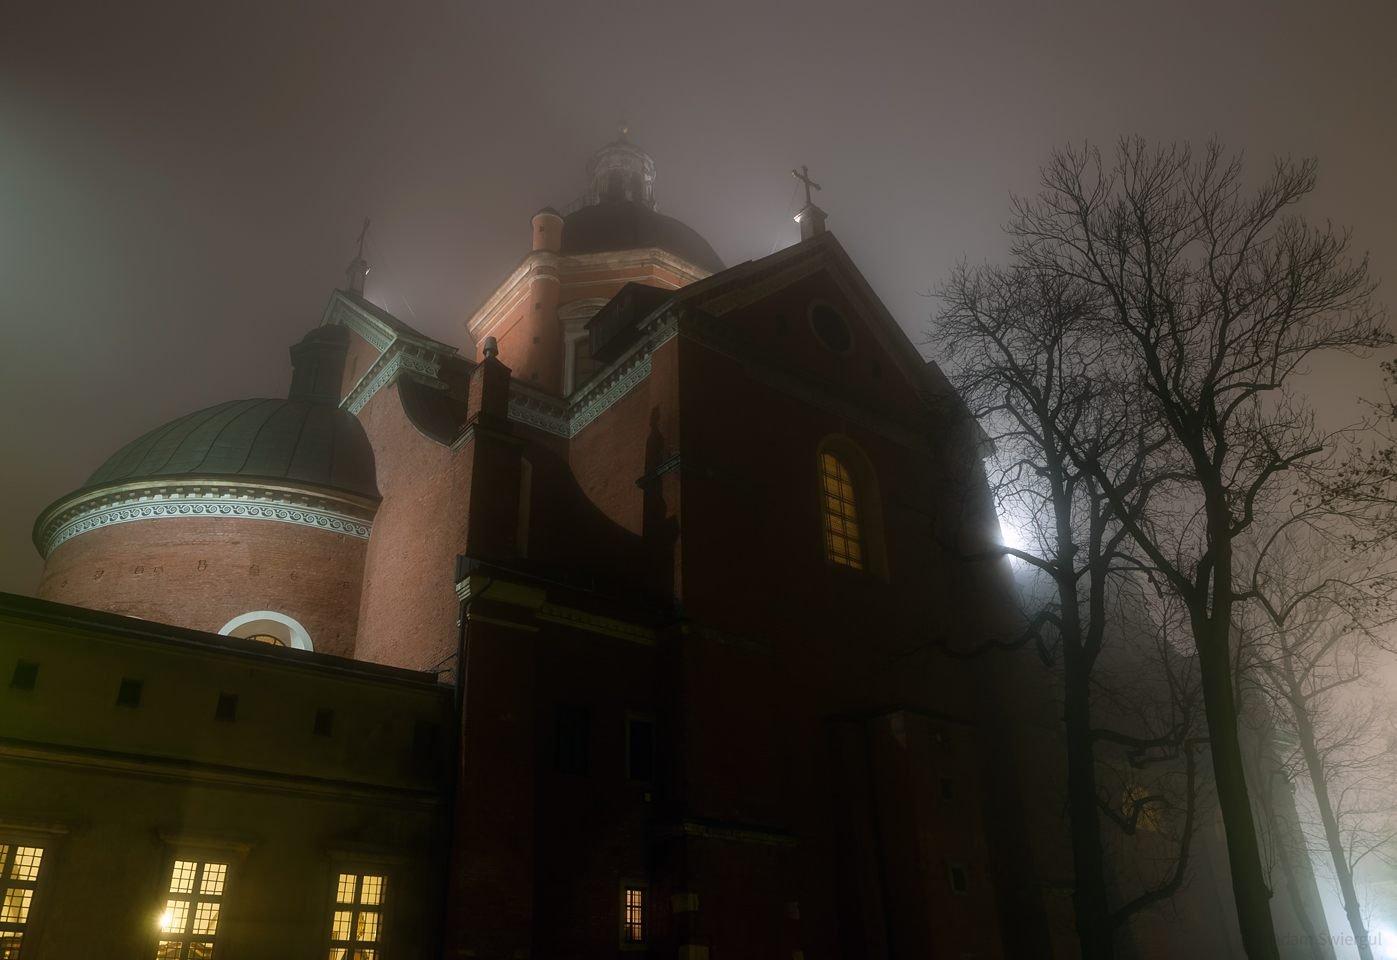 św. Piotra i Pawła we mgle, Kraków